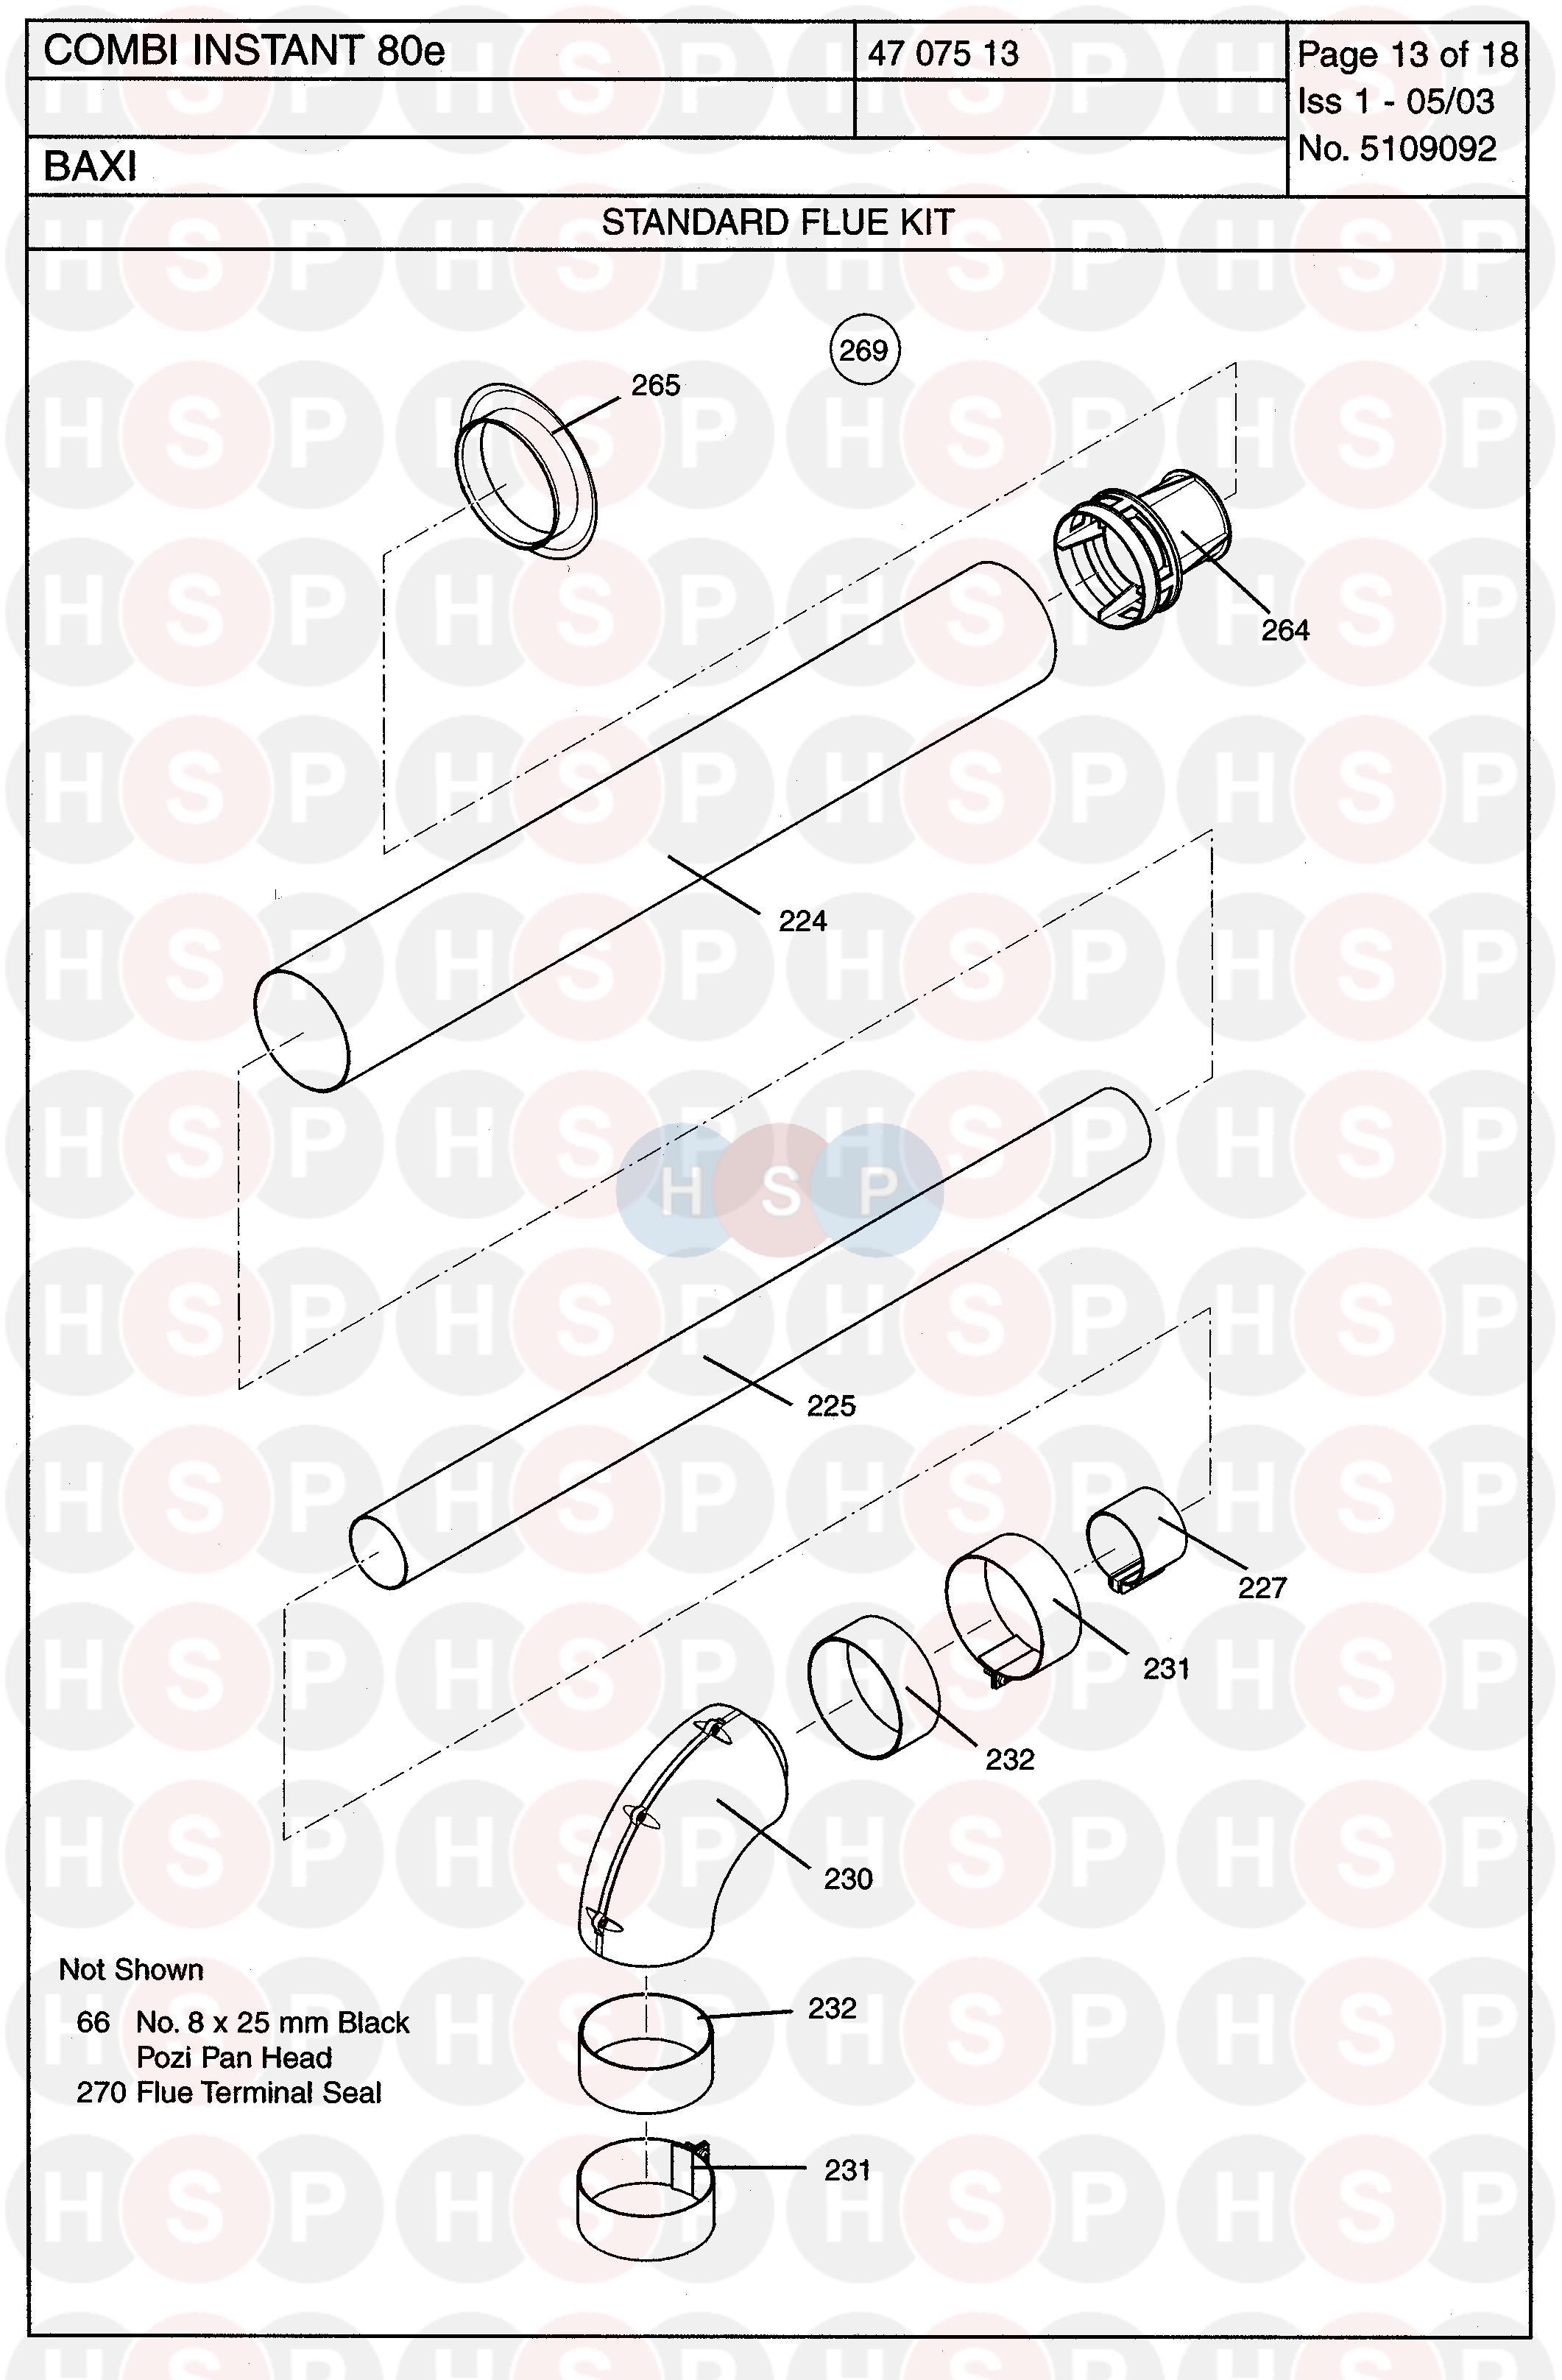 imagehandler Wiring Harness Jig on swing arm jig, right angle jig, coil jig, wire jig, hinge jig, frame jig, door handle jig, doweling jig, mortise lock jig, door knob jig,